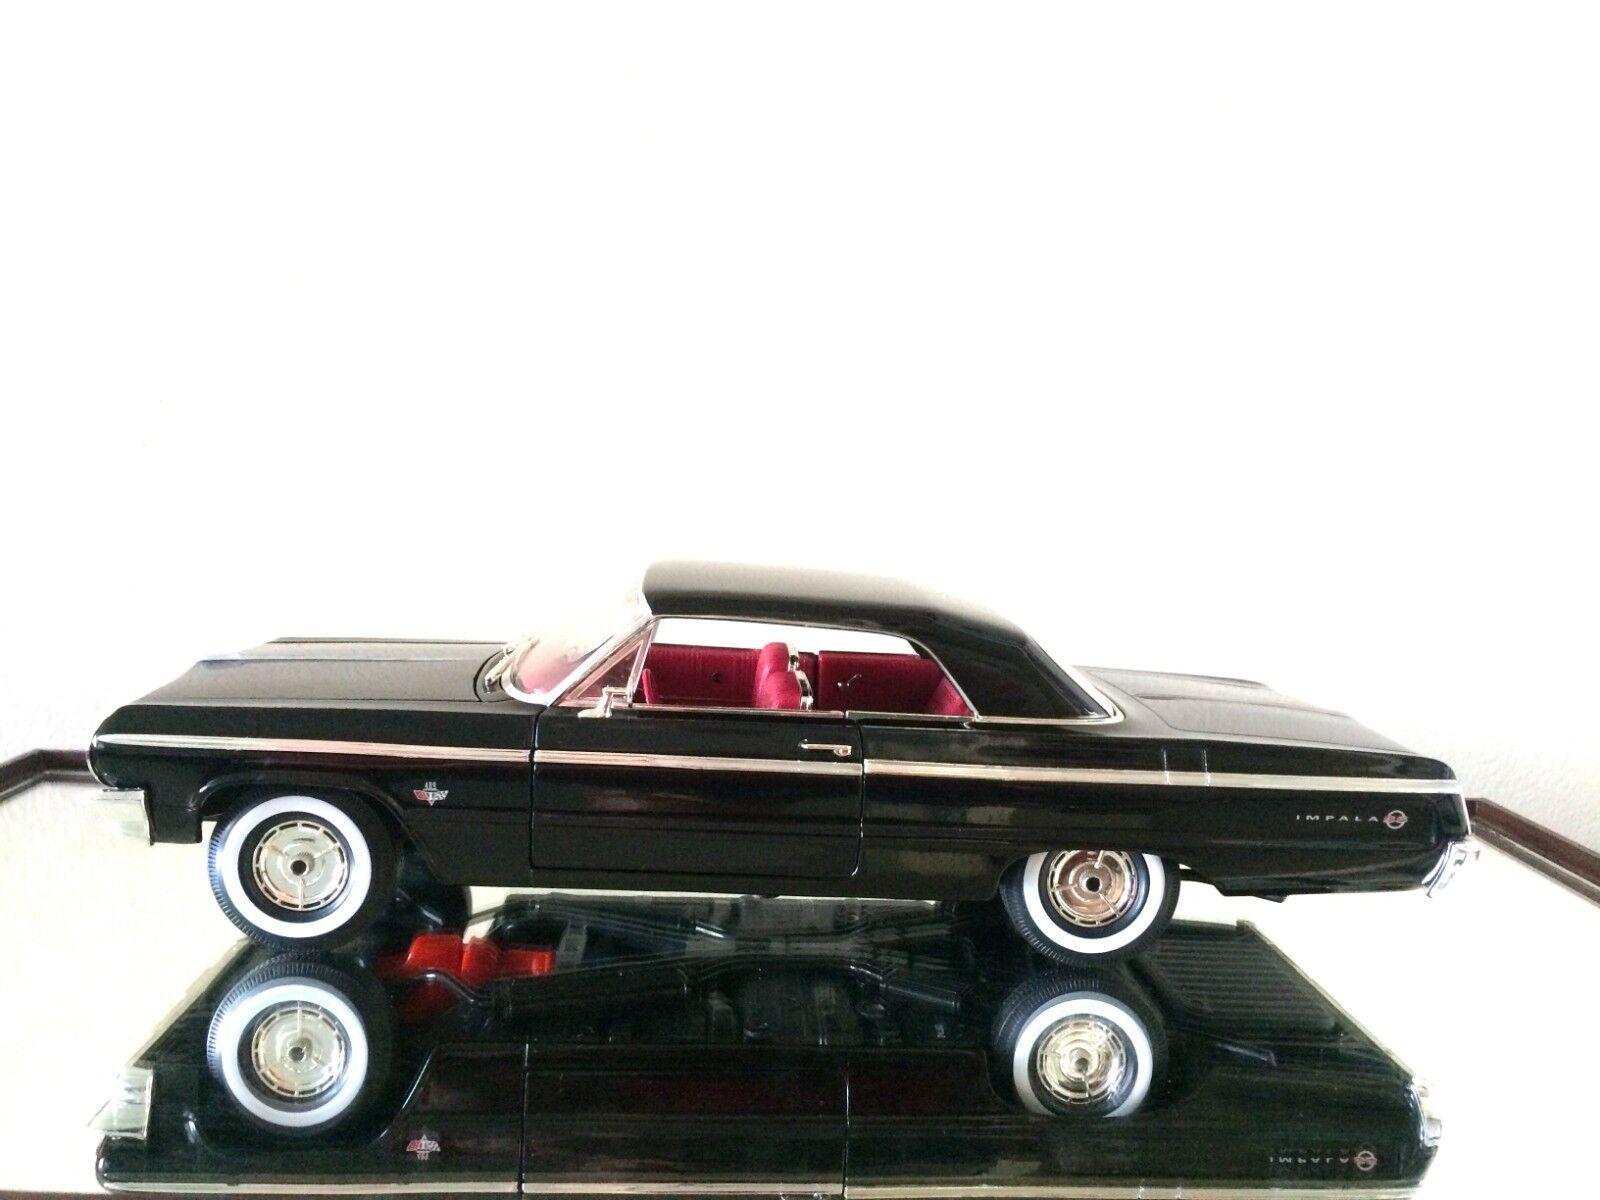 ERTL American Muscle 1964 CHEVROLET IMPALA SS 409 Noir de  Jais  magasin fashional à vendre